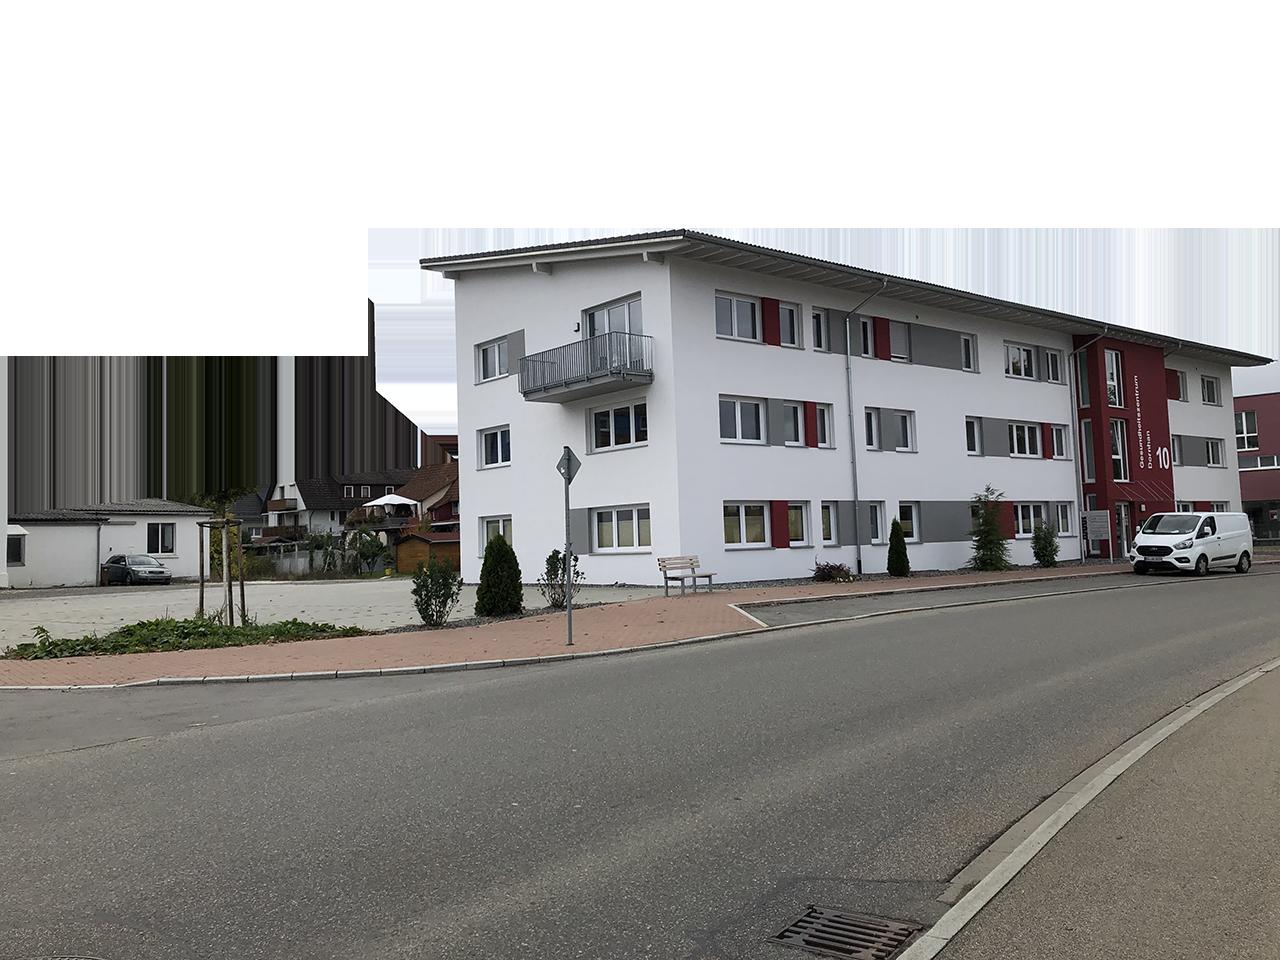 Gesundheitszentrum - Dornhan